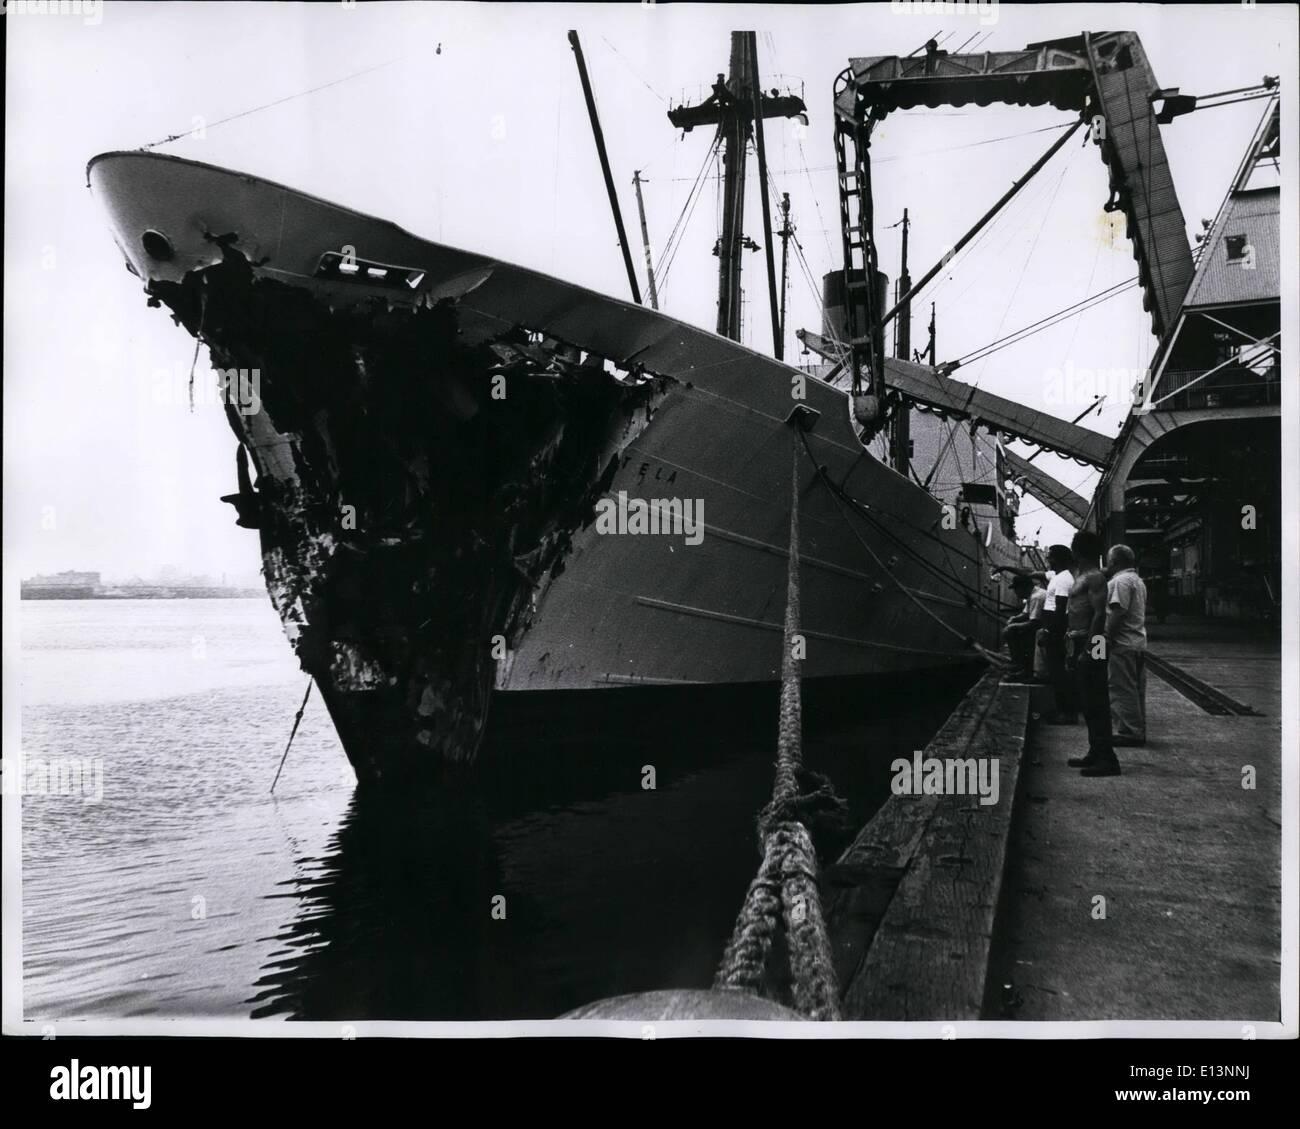 Mar 22, 2012 - British corpo nave Etela fu danneggiato da American freighter Isola Verde 35 miglia outsider Immagini Stock